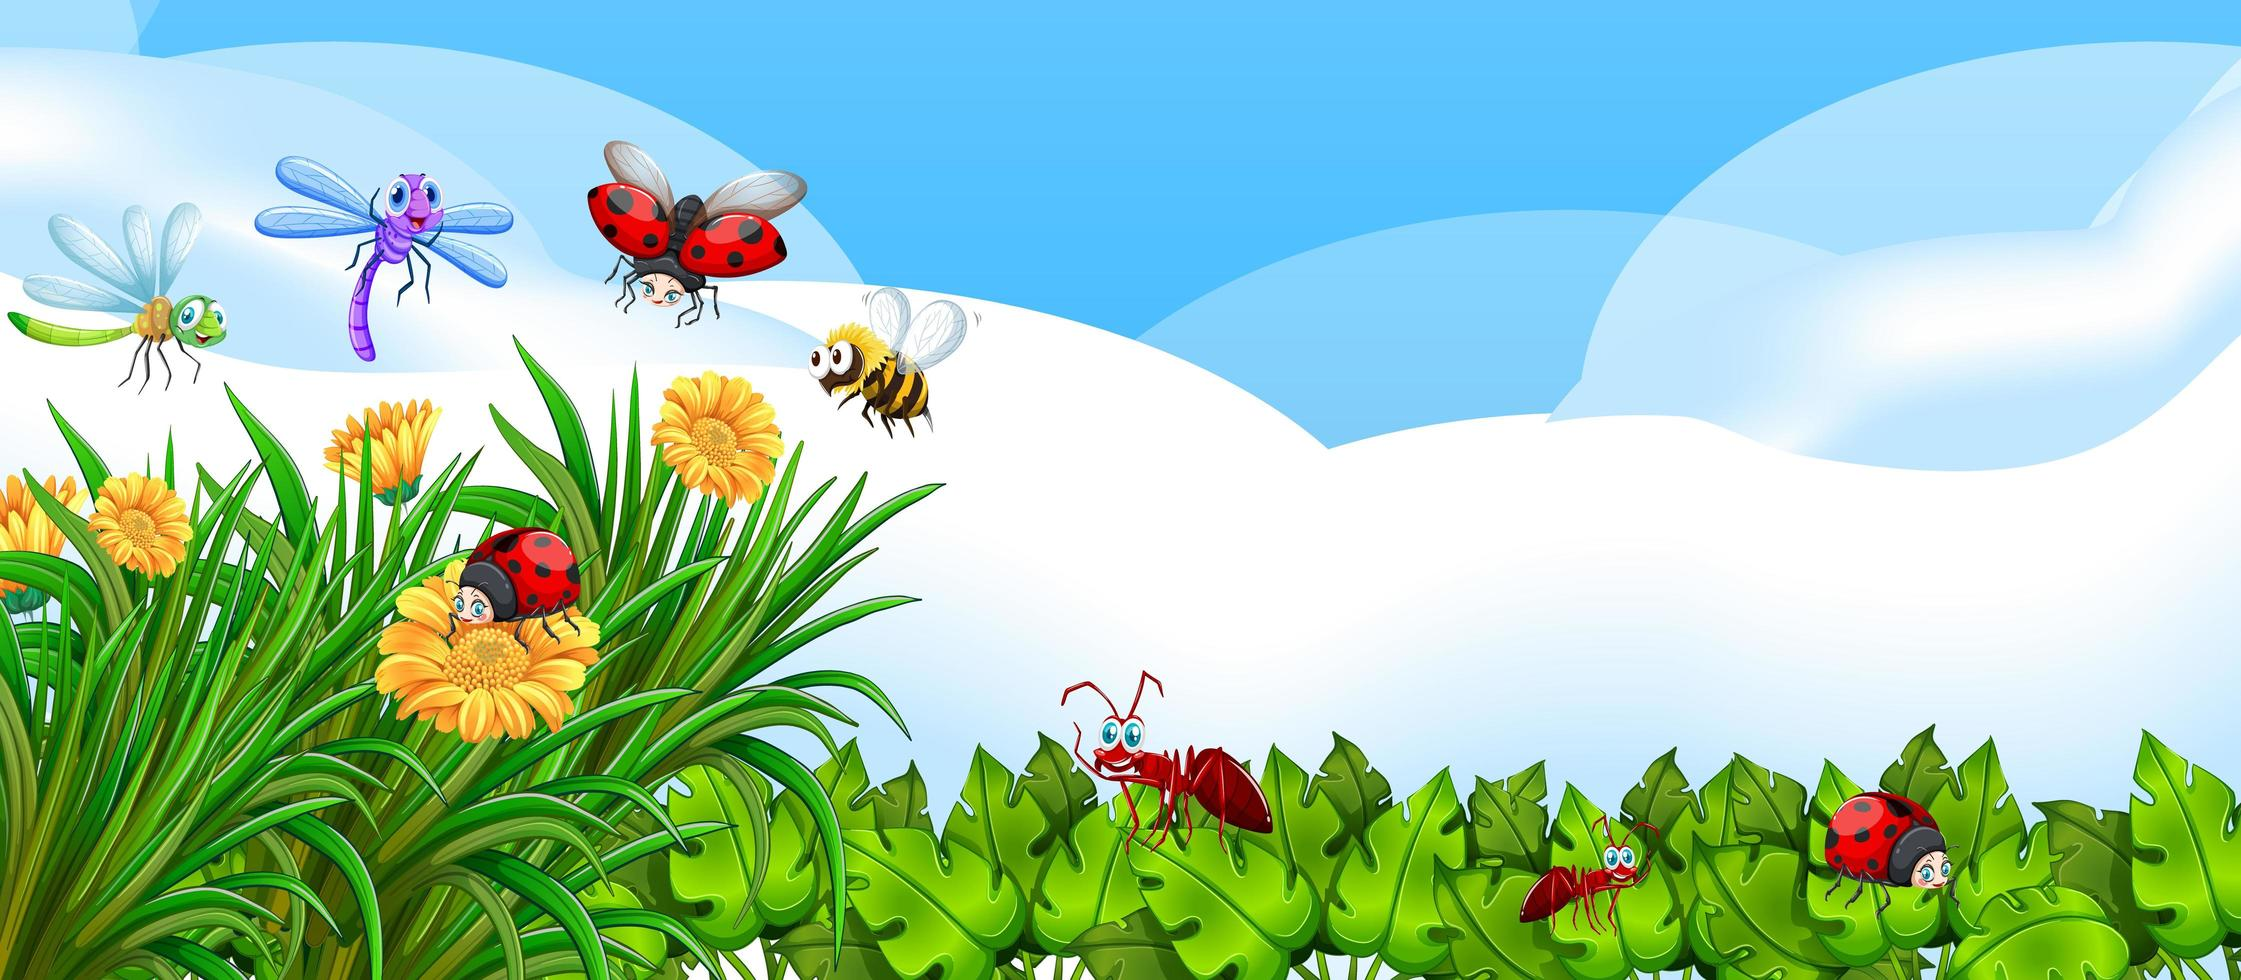 leerer Naturhintergrund mit vielen verschiedenen Insekten vektor